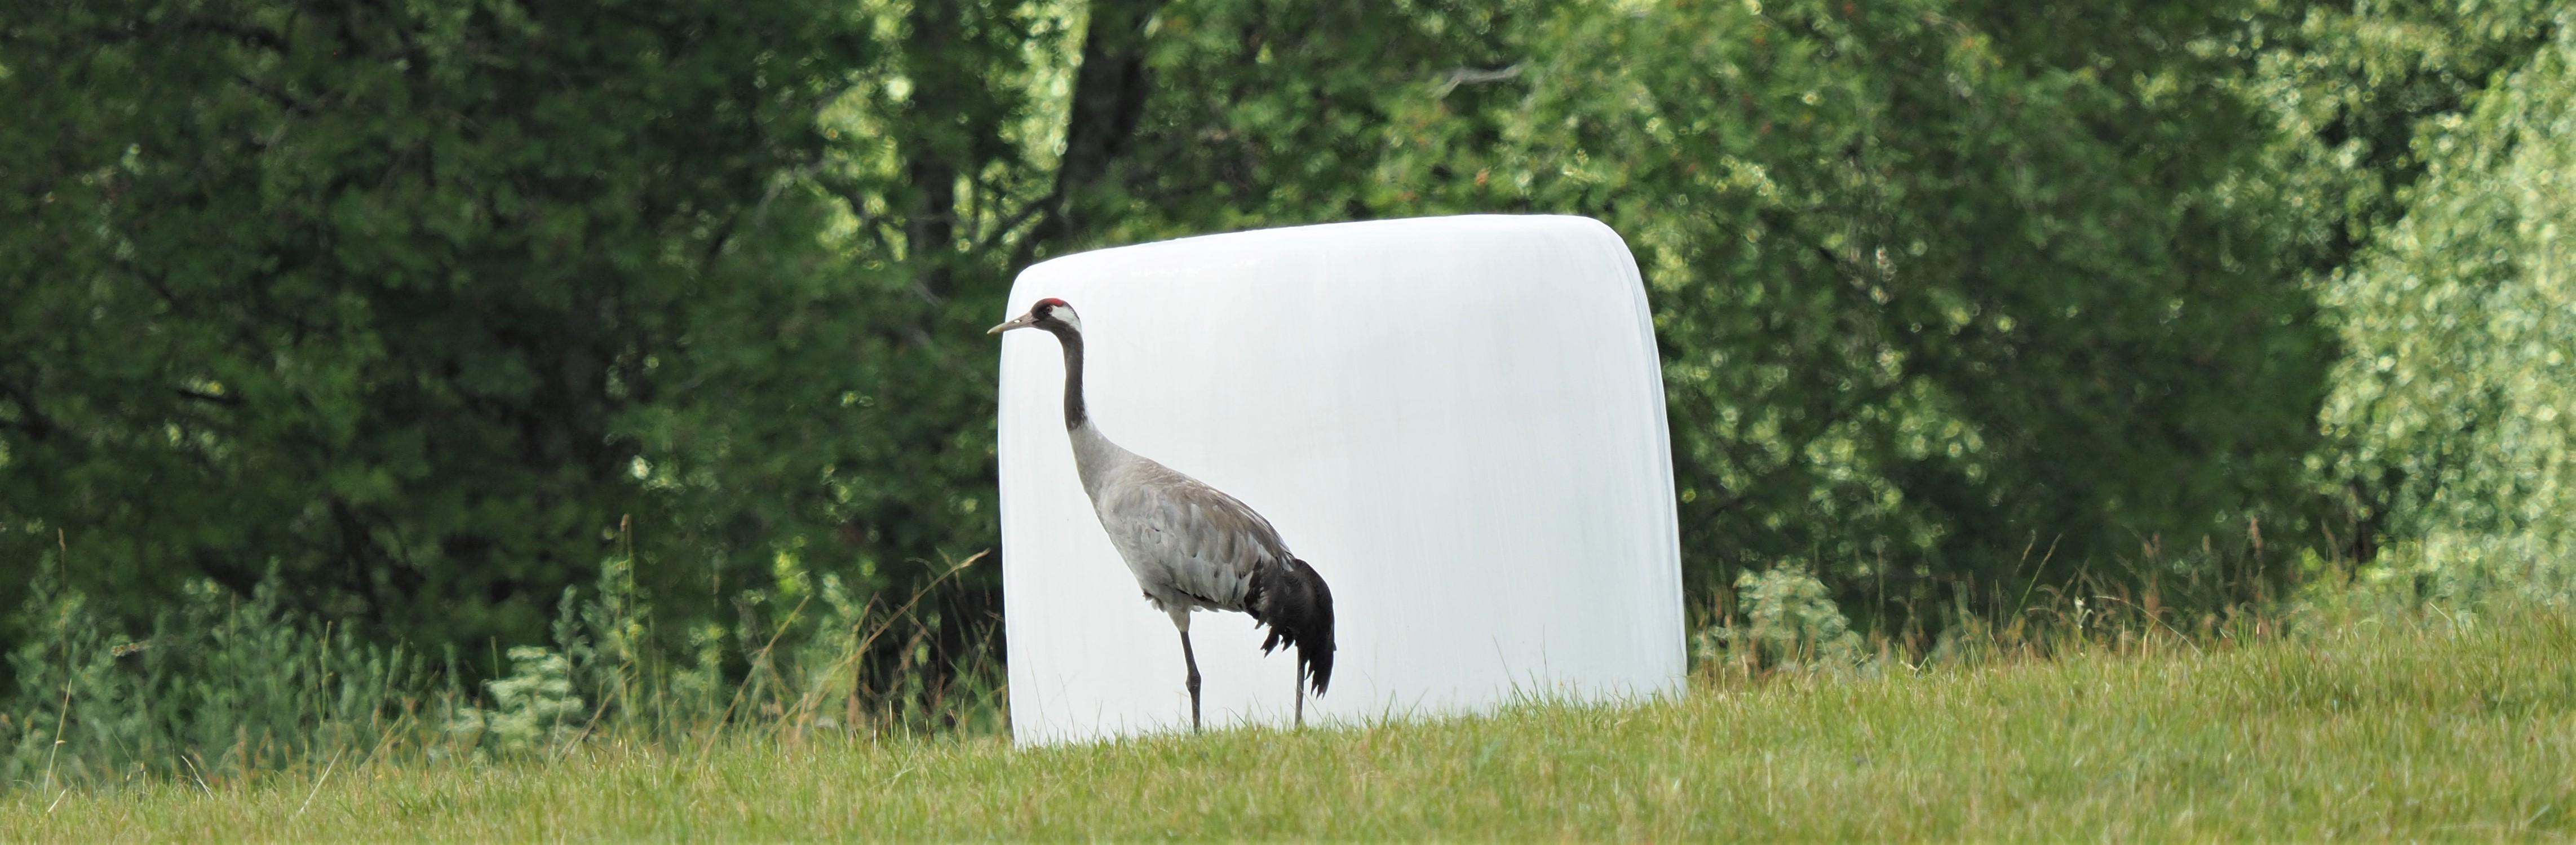 Common Crane 5